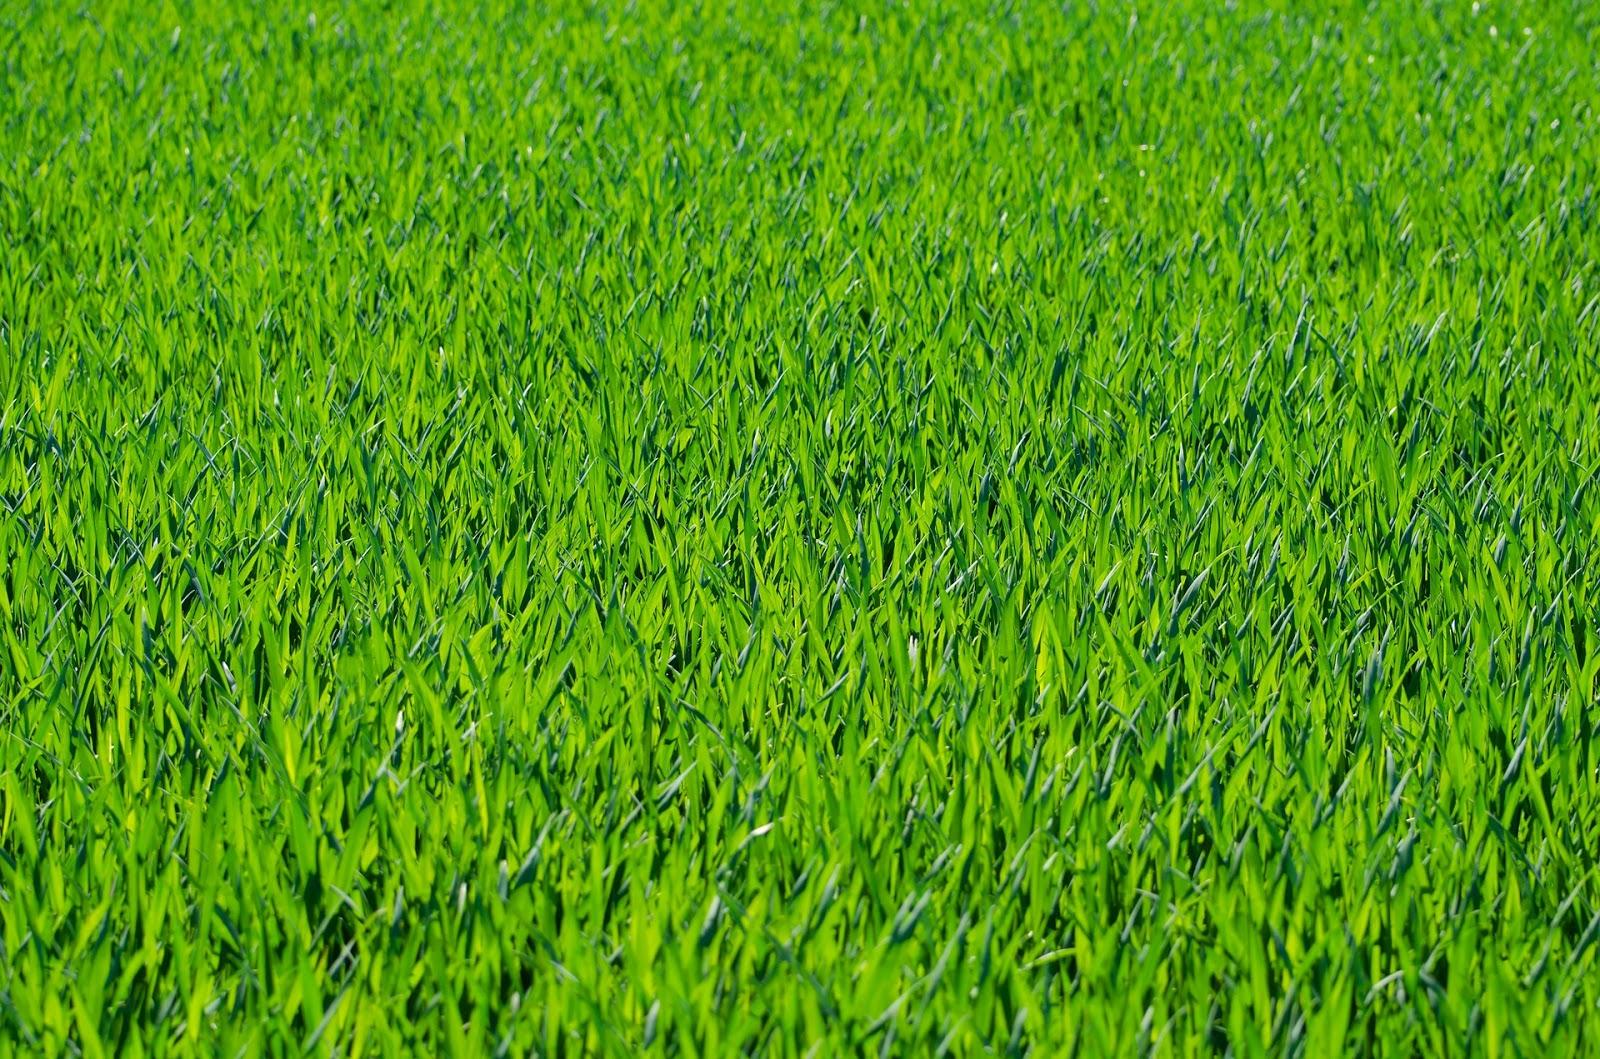 صورطبيعيه خضراء جميلة